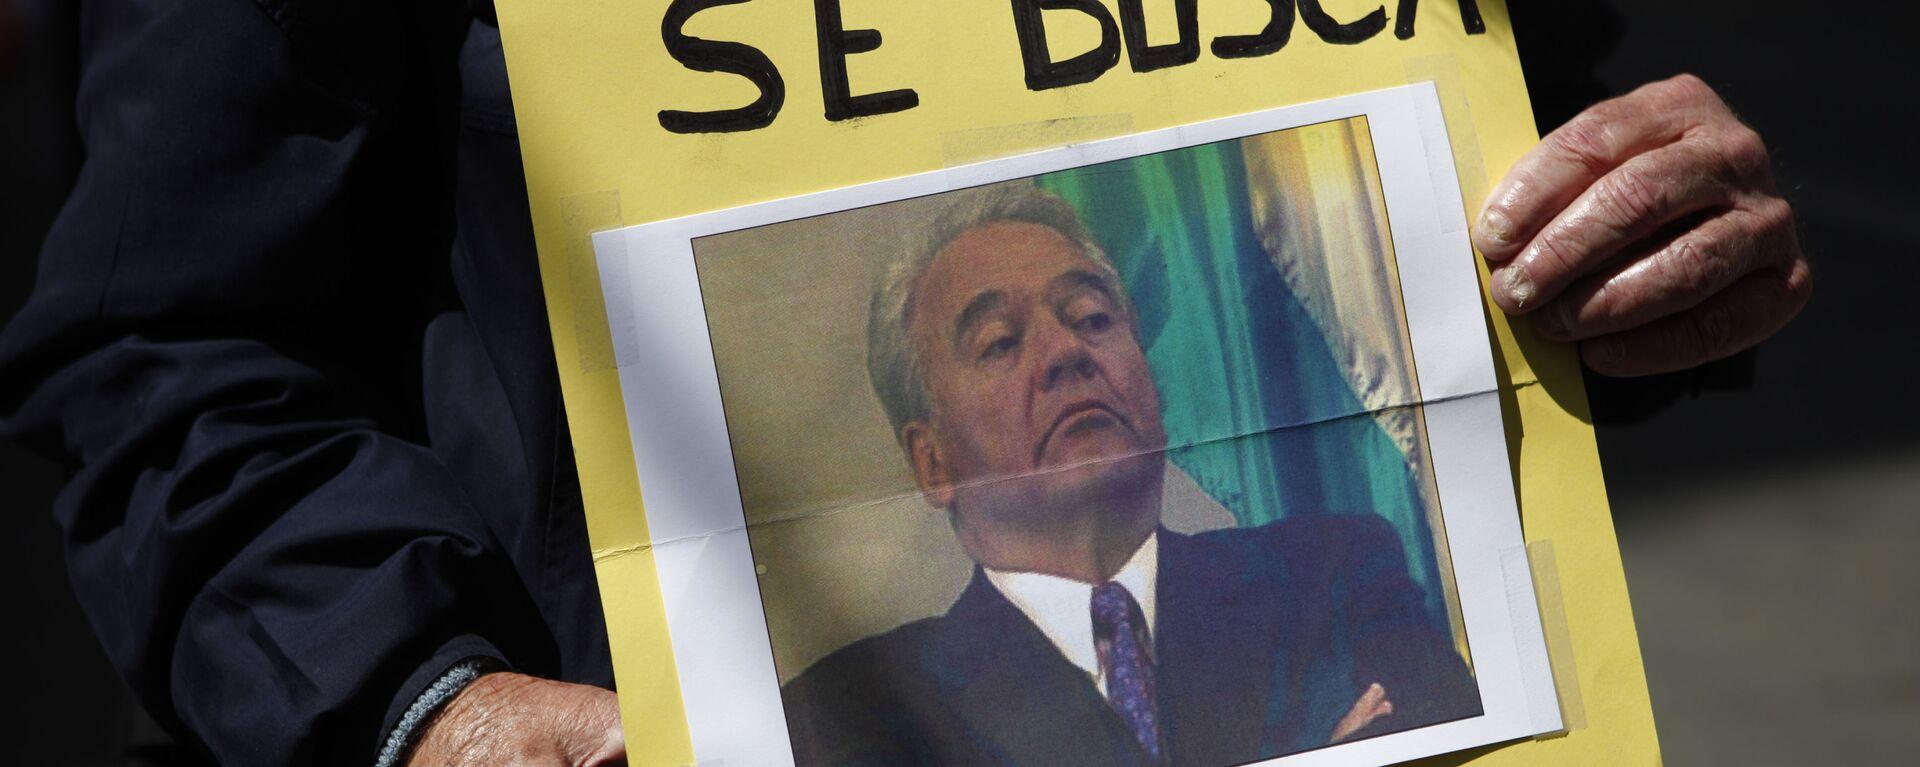 Una persona con la foto de Gonzalo Sánchez de Lozada, el expresidente boliviano (2002-2003)  - Sputnik Mundo, 1920, 06.04.2021